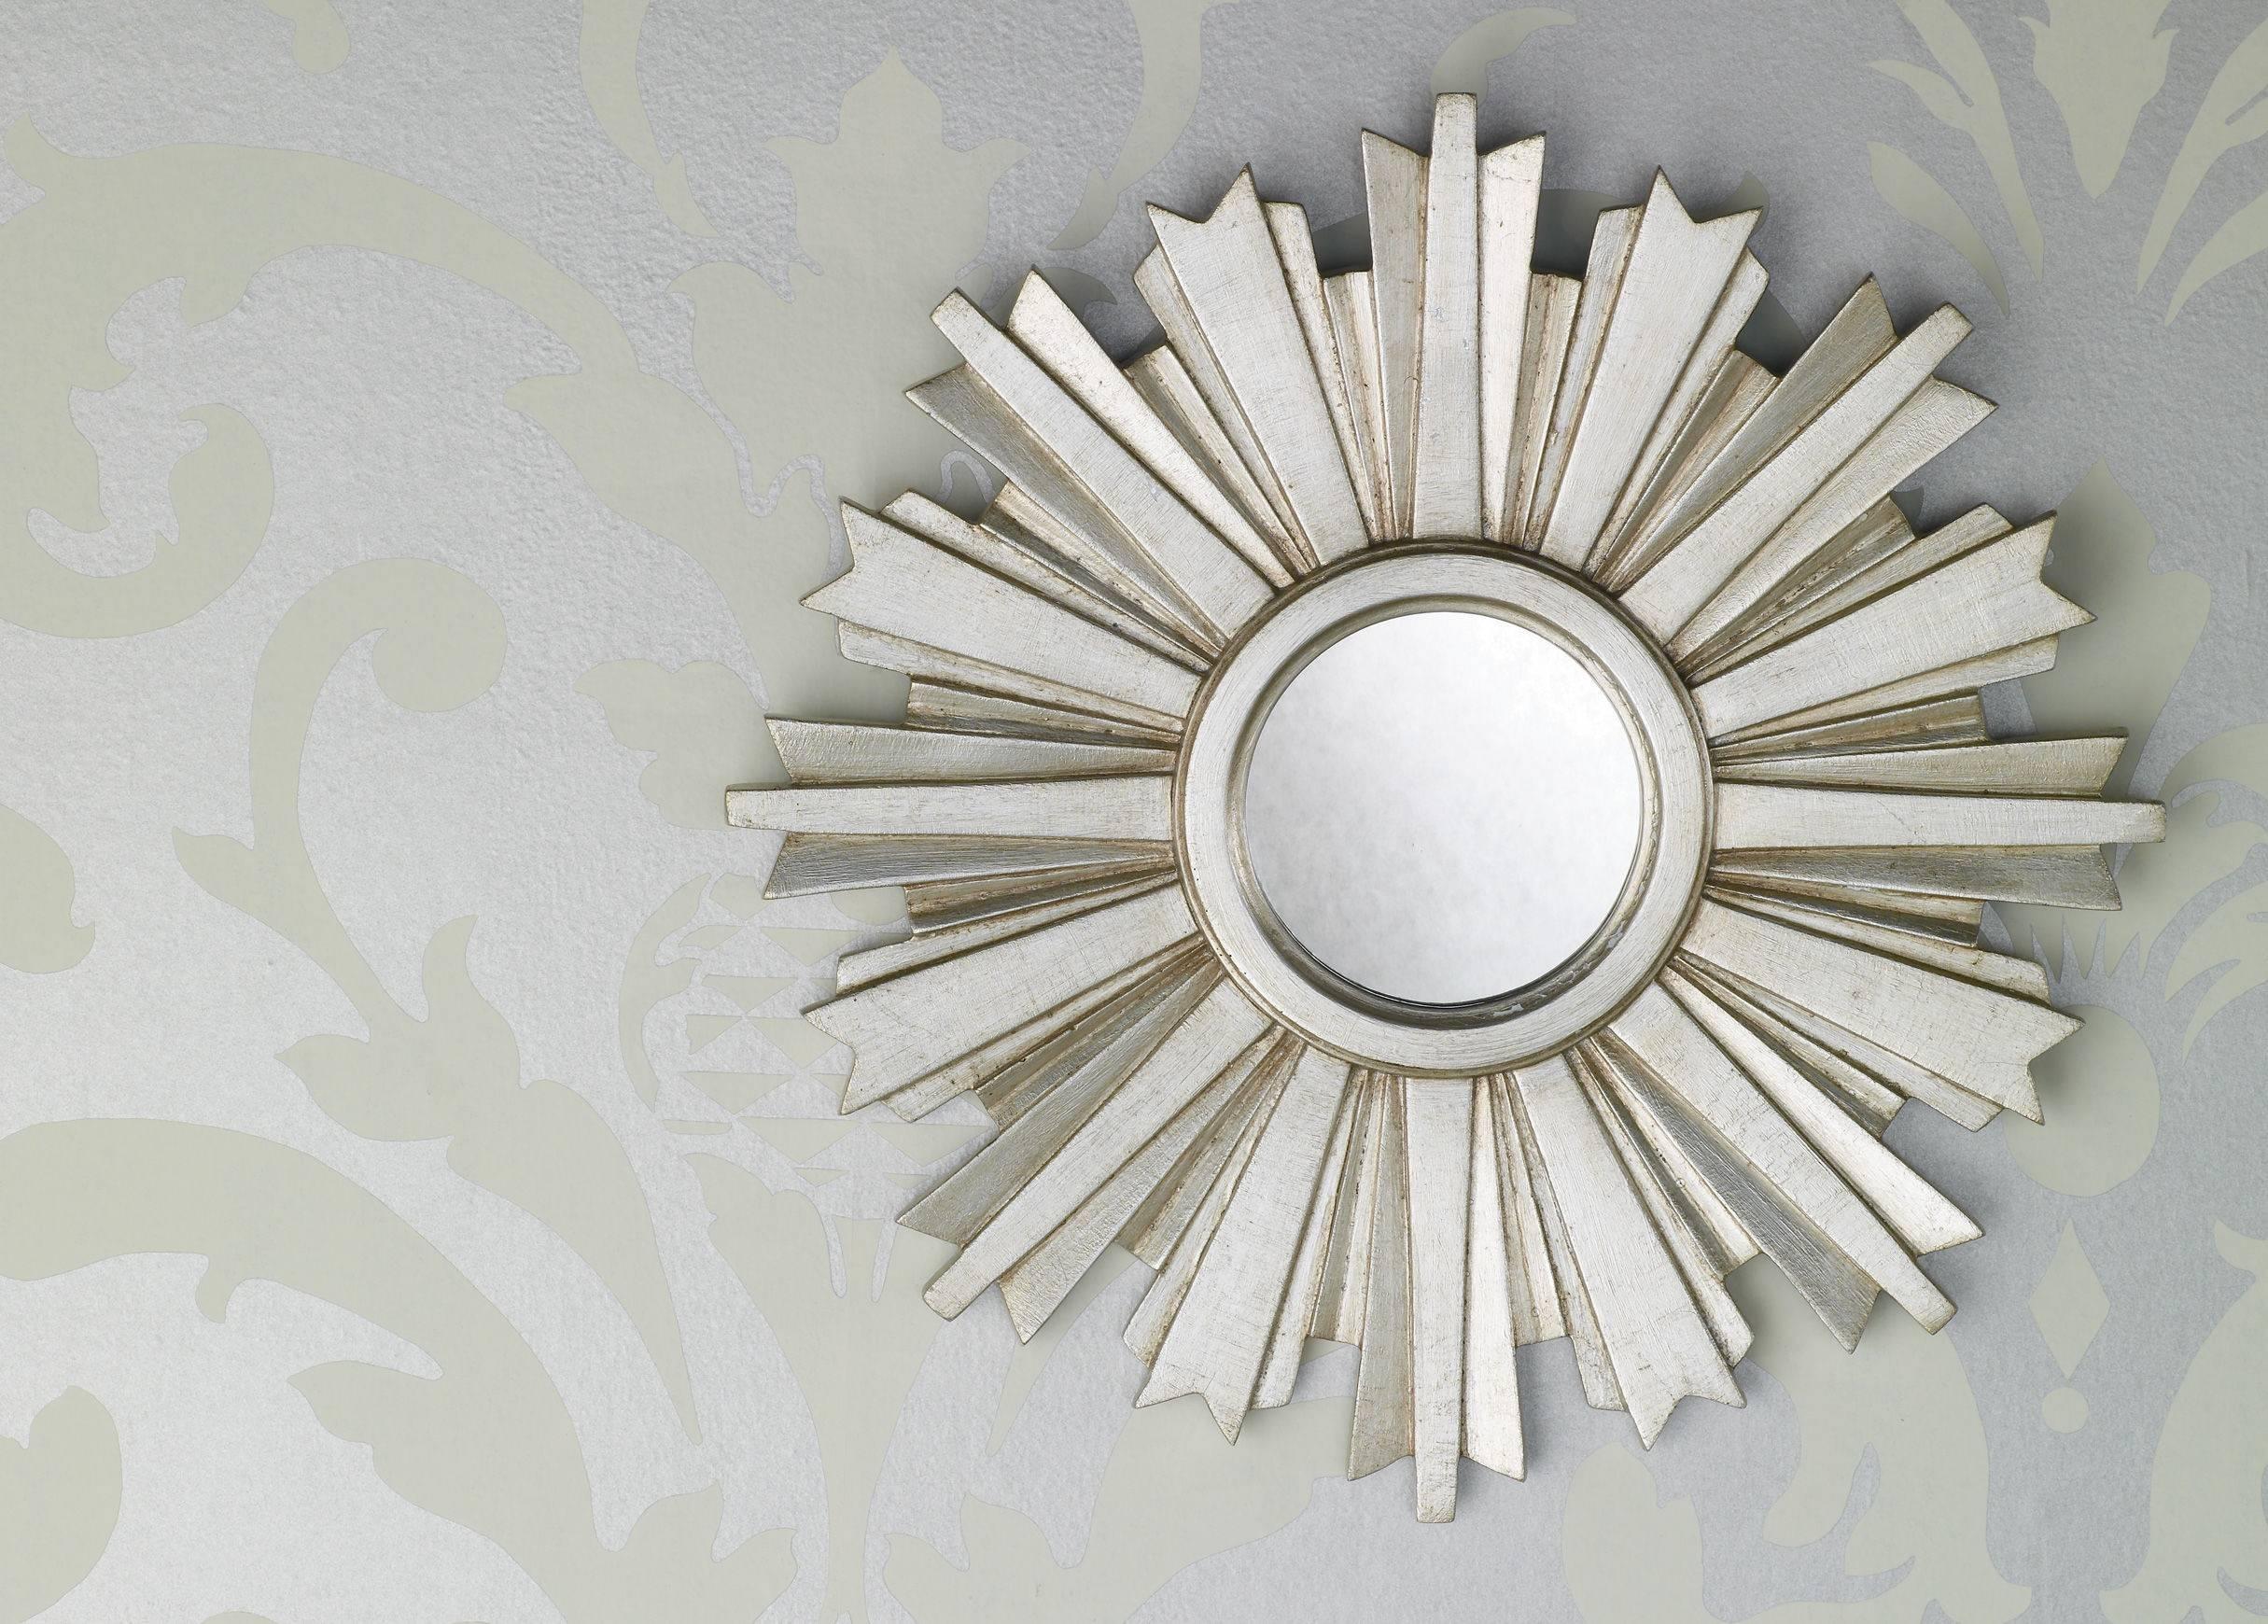 Starburst Mirror Images - Reverse Search regarding Bronze Starburst Mirrors (Image 24 of 25)